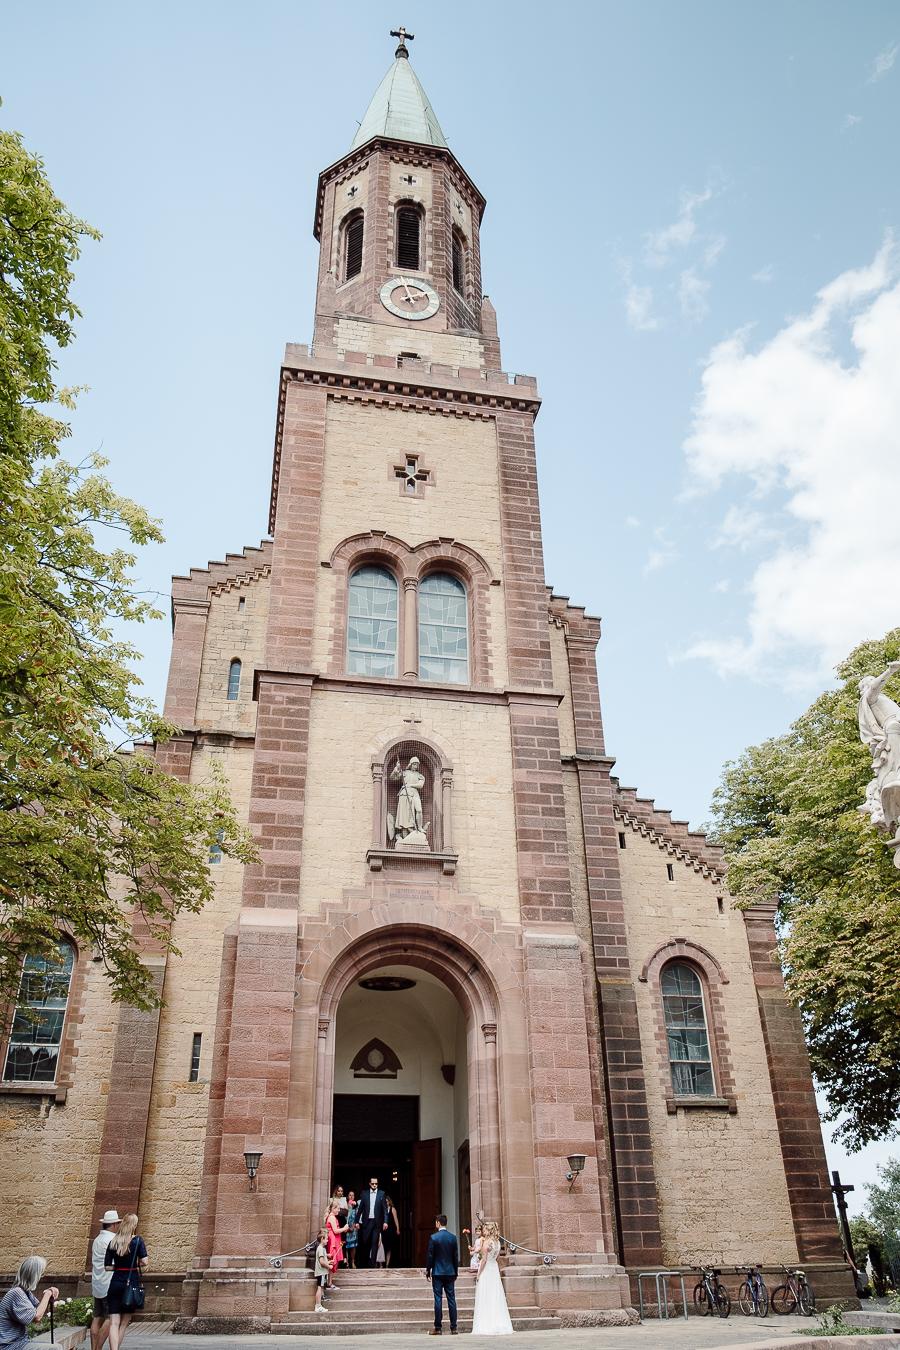 HOCHZEIT IN ST. OTTILIEN IN FREIBURG